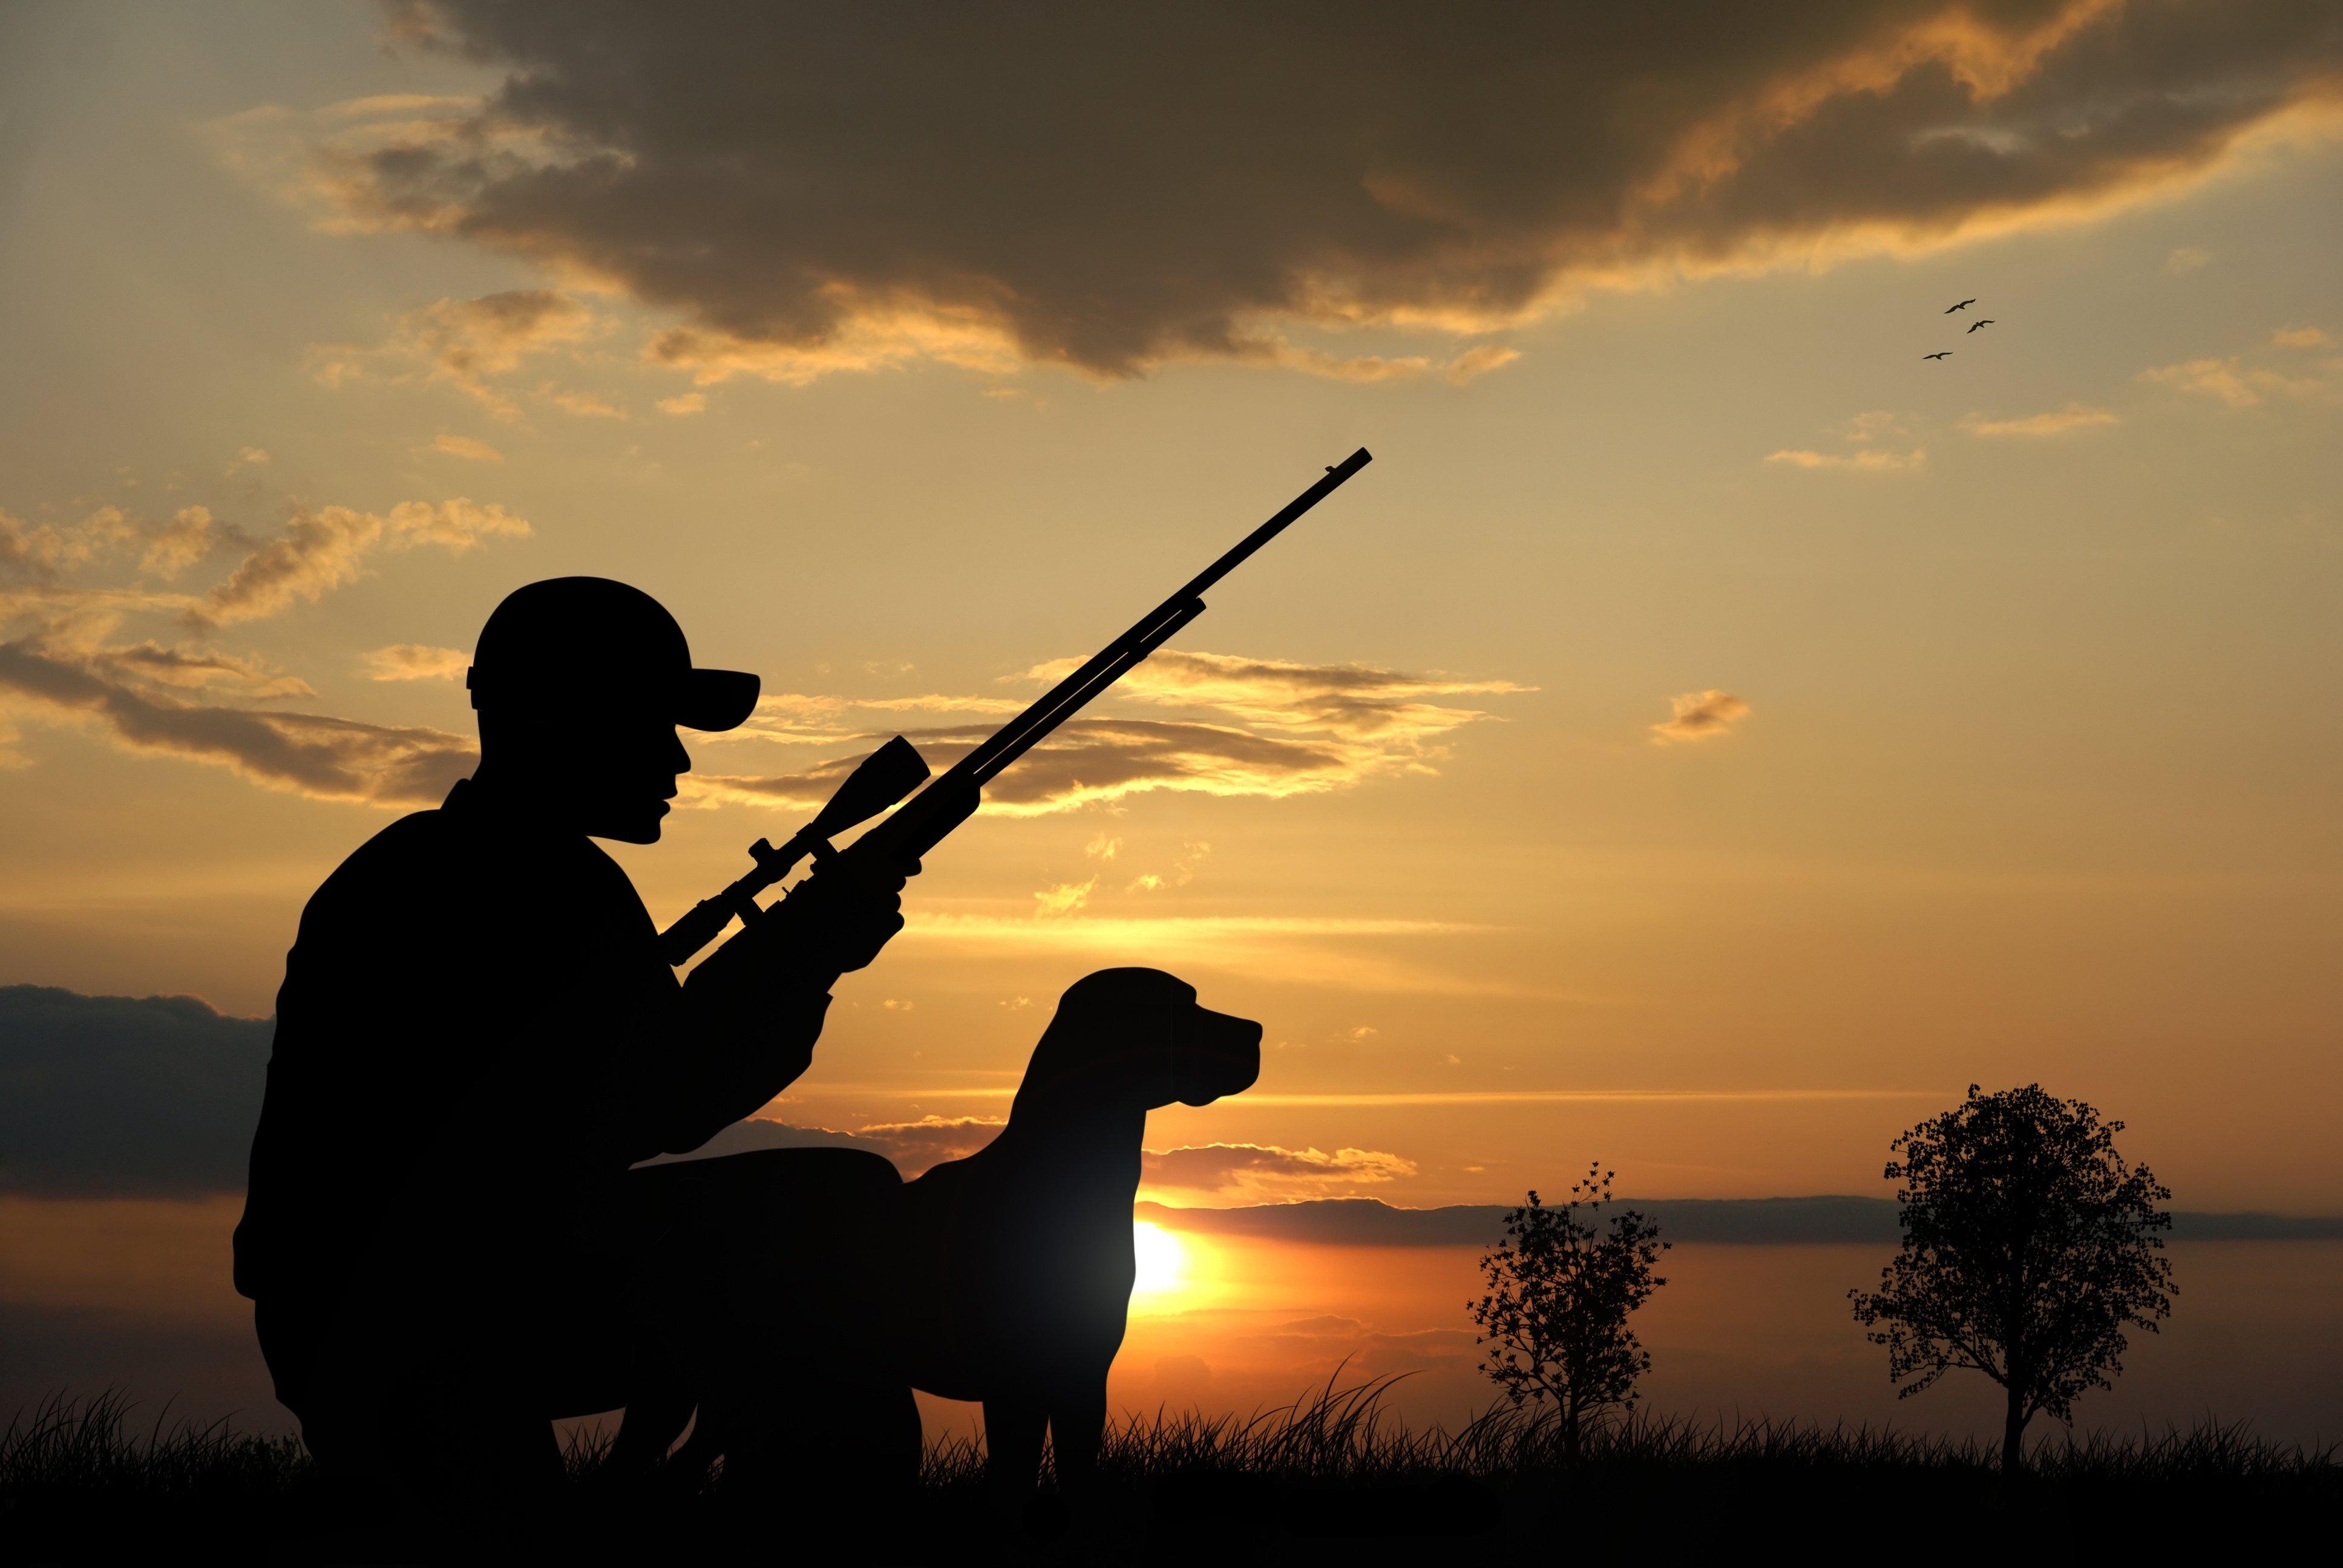 Название картинки, картинки про охотников красивые